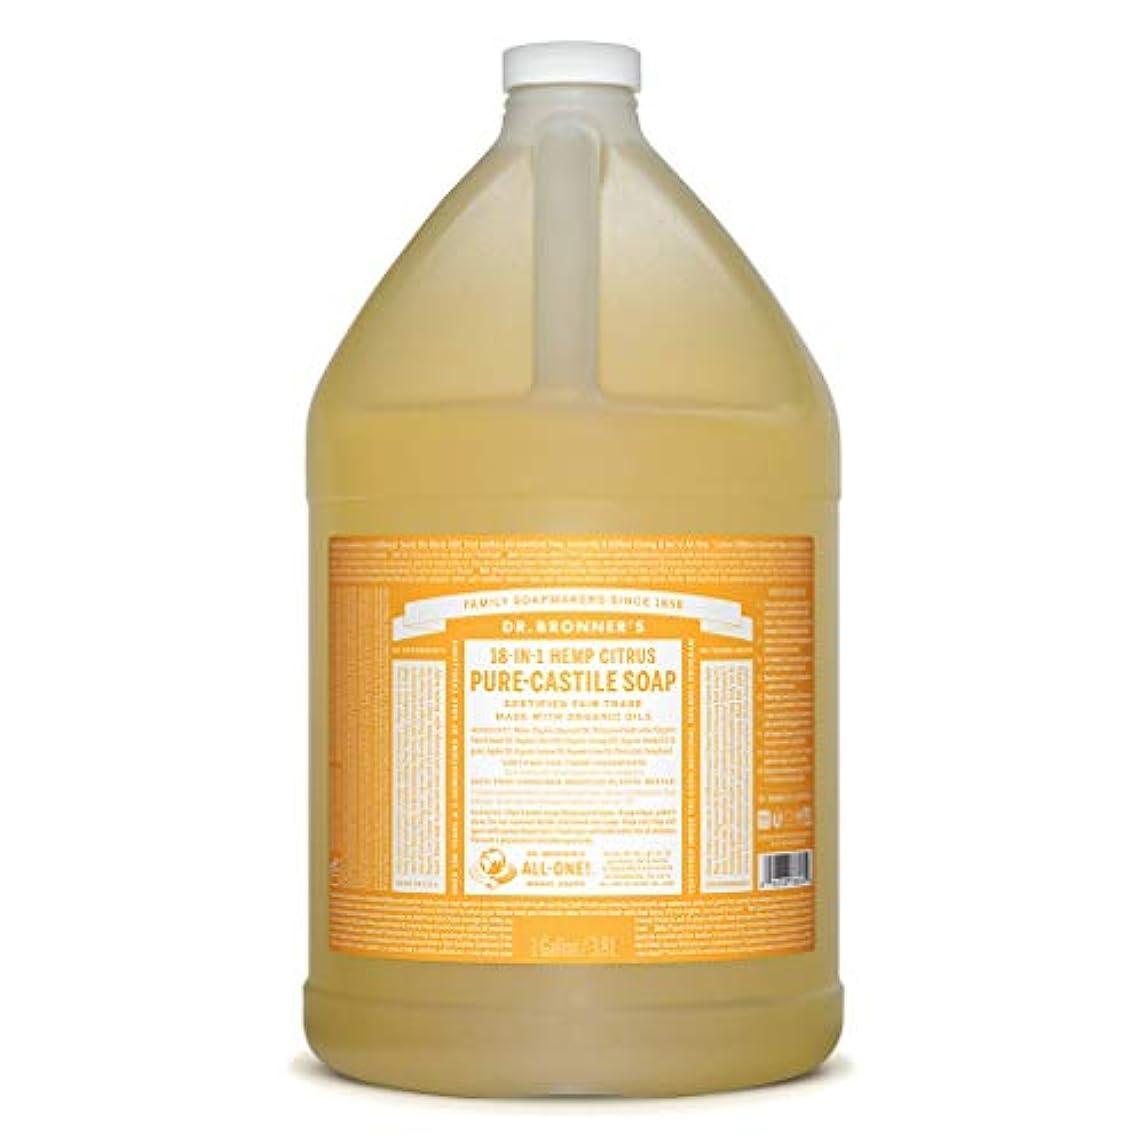 ワーディアンケース局精神Drブロナー マジックソープ 3780ml シトラスオレンジ